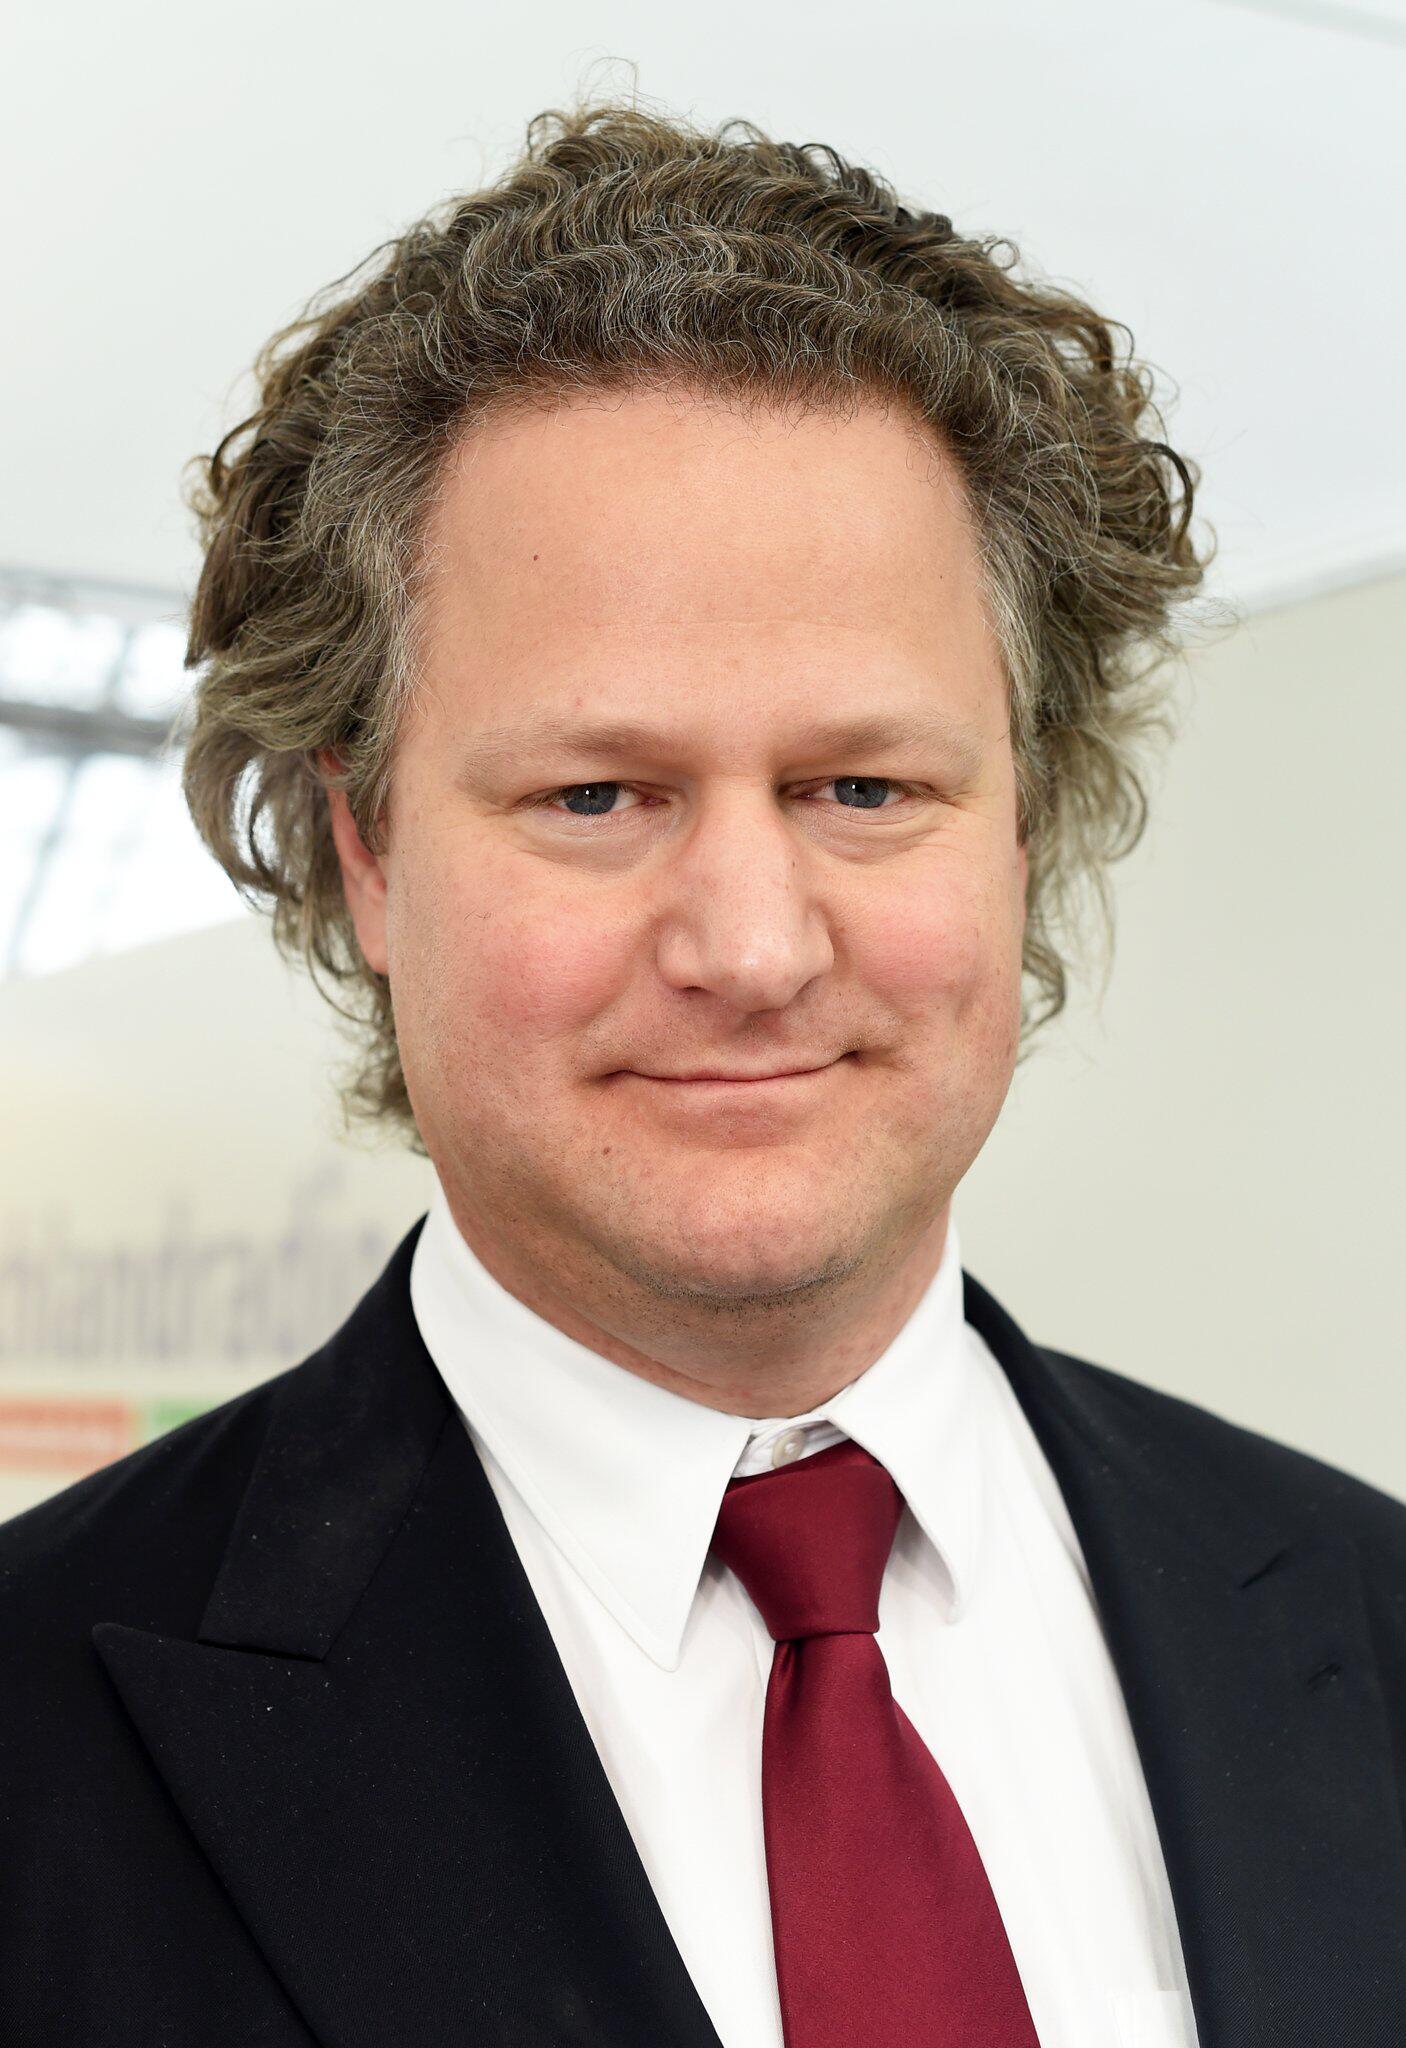 Bild zu Kandidat für Auslands-Oscar - Henckel von Donnersmarck